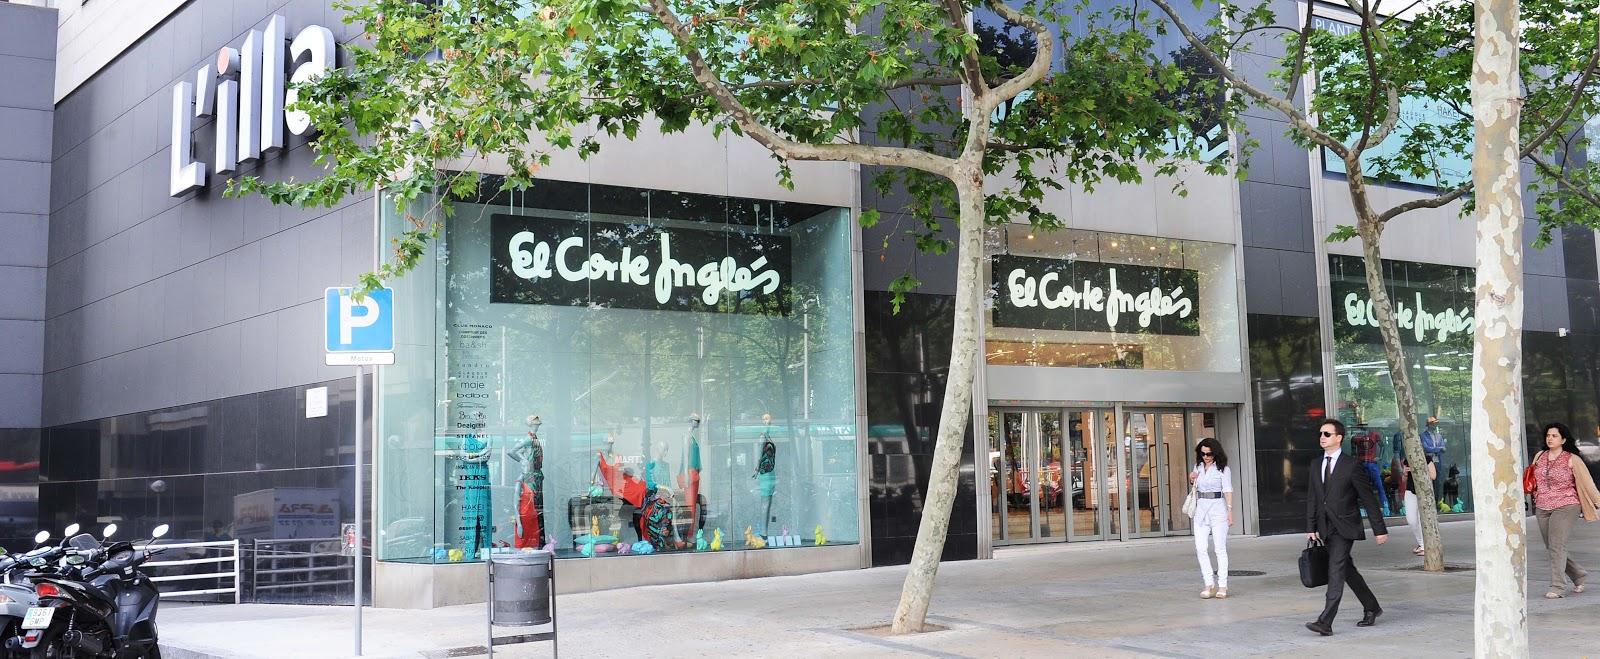 El corte ingl s inaugura en l illa la mejor tienda for Centro comercial l illa